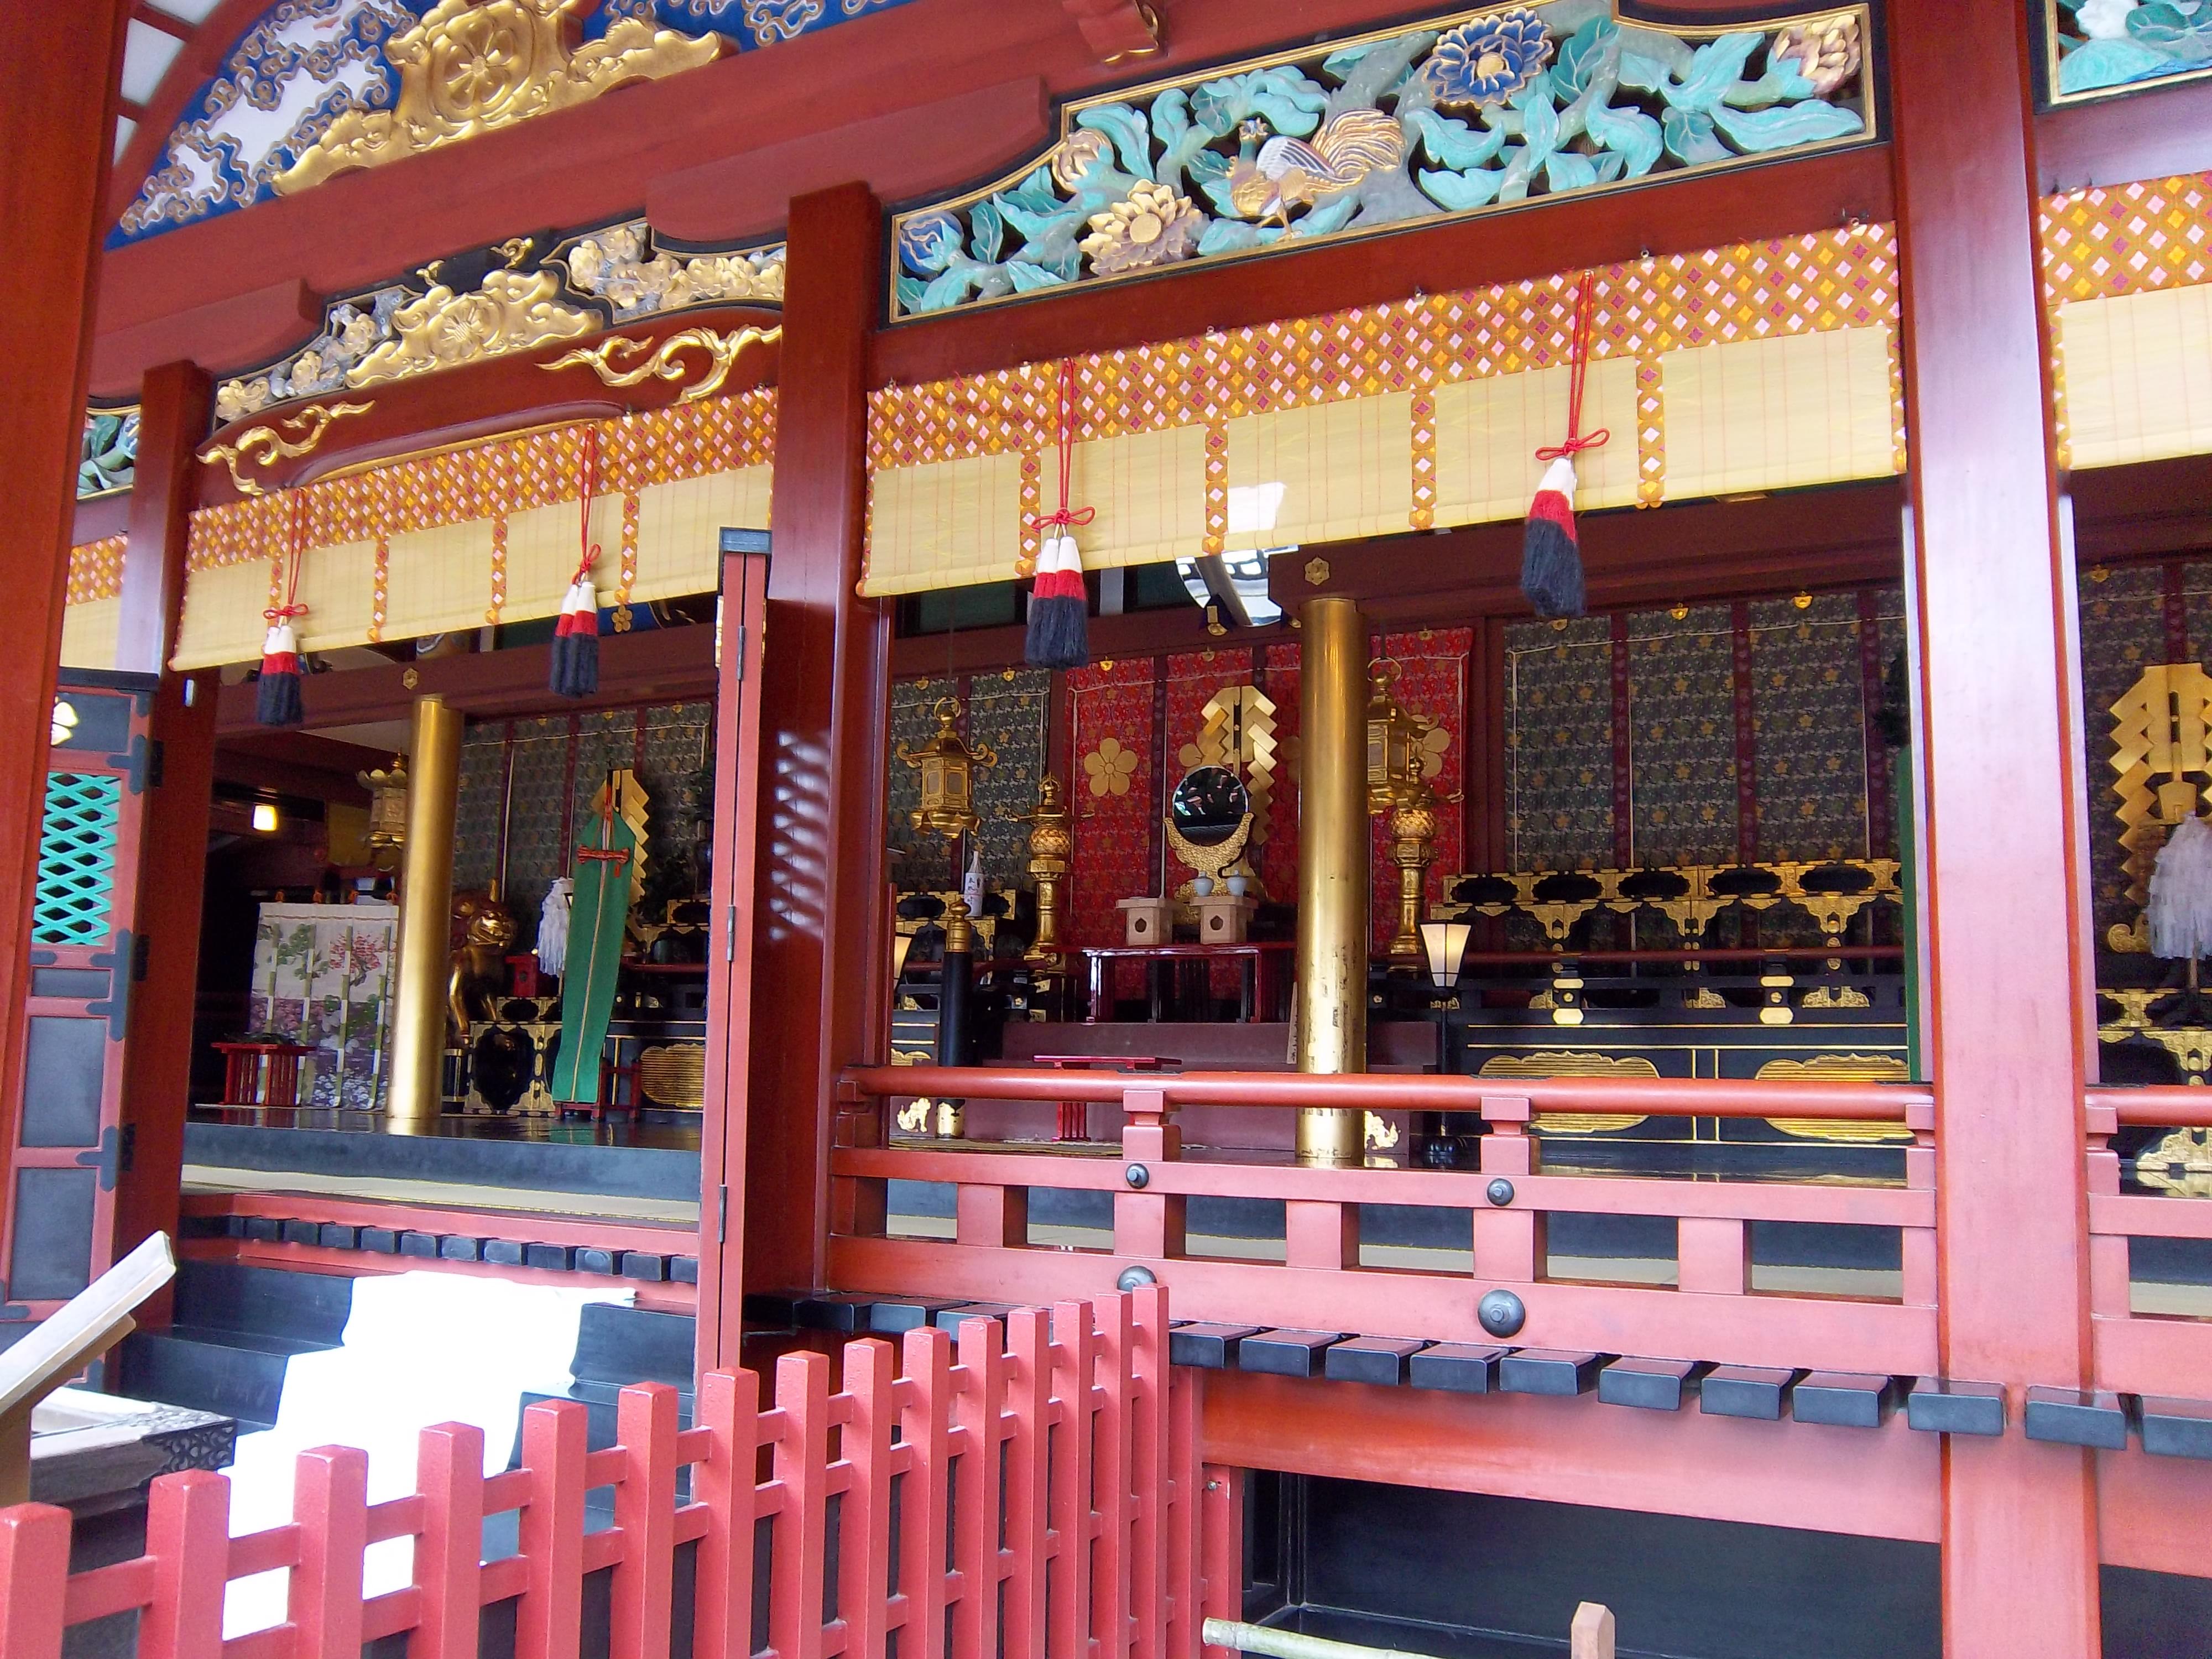 kien-truc-doc-dao-cua-ngoi-den-than-dao-shinto-4